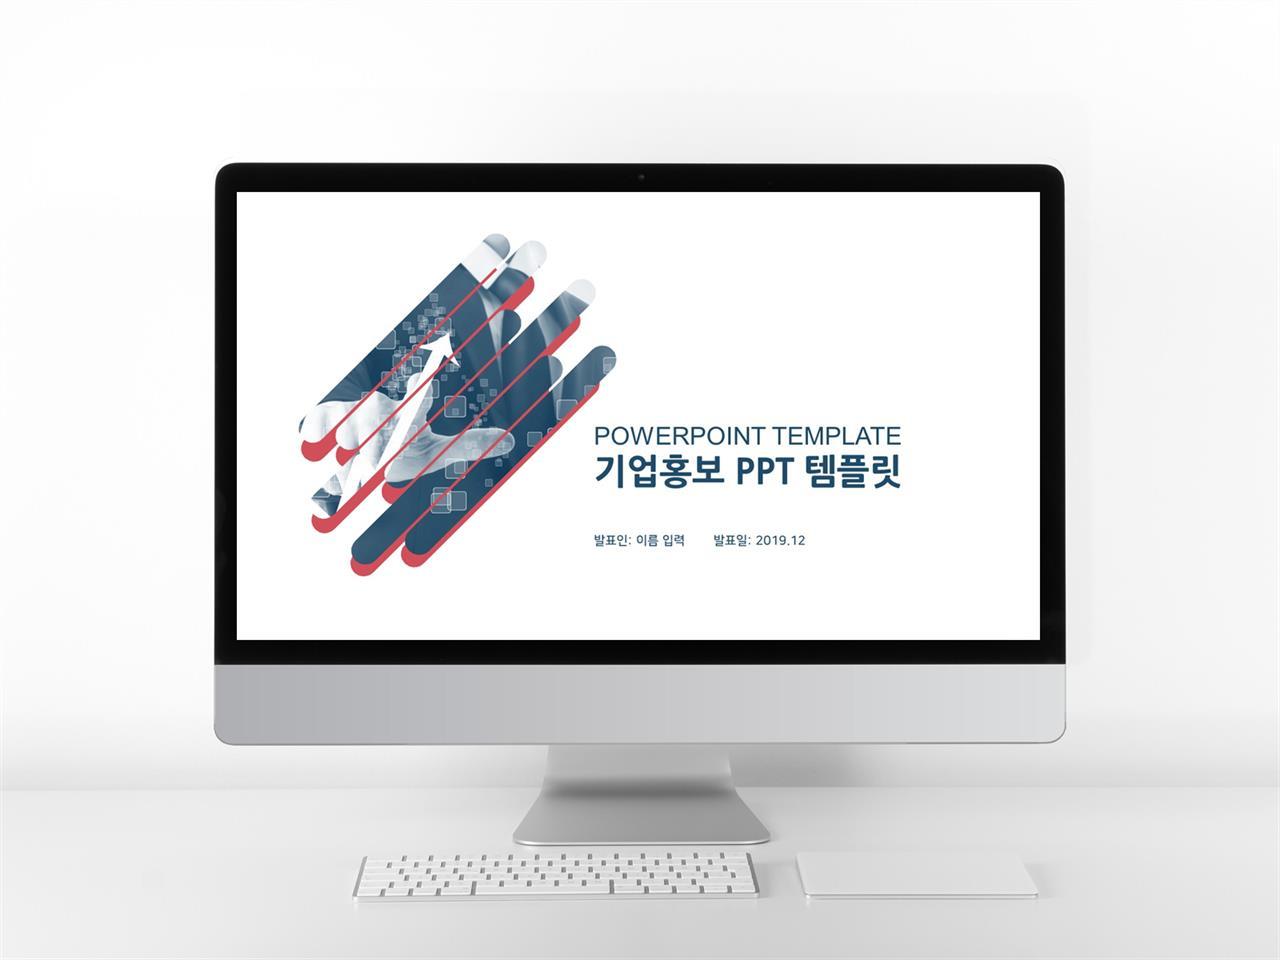 기업소개서 홍색 정결한 고급스럽운 POWERPOINT테마 사이트 미리보기